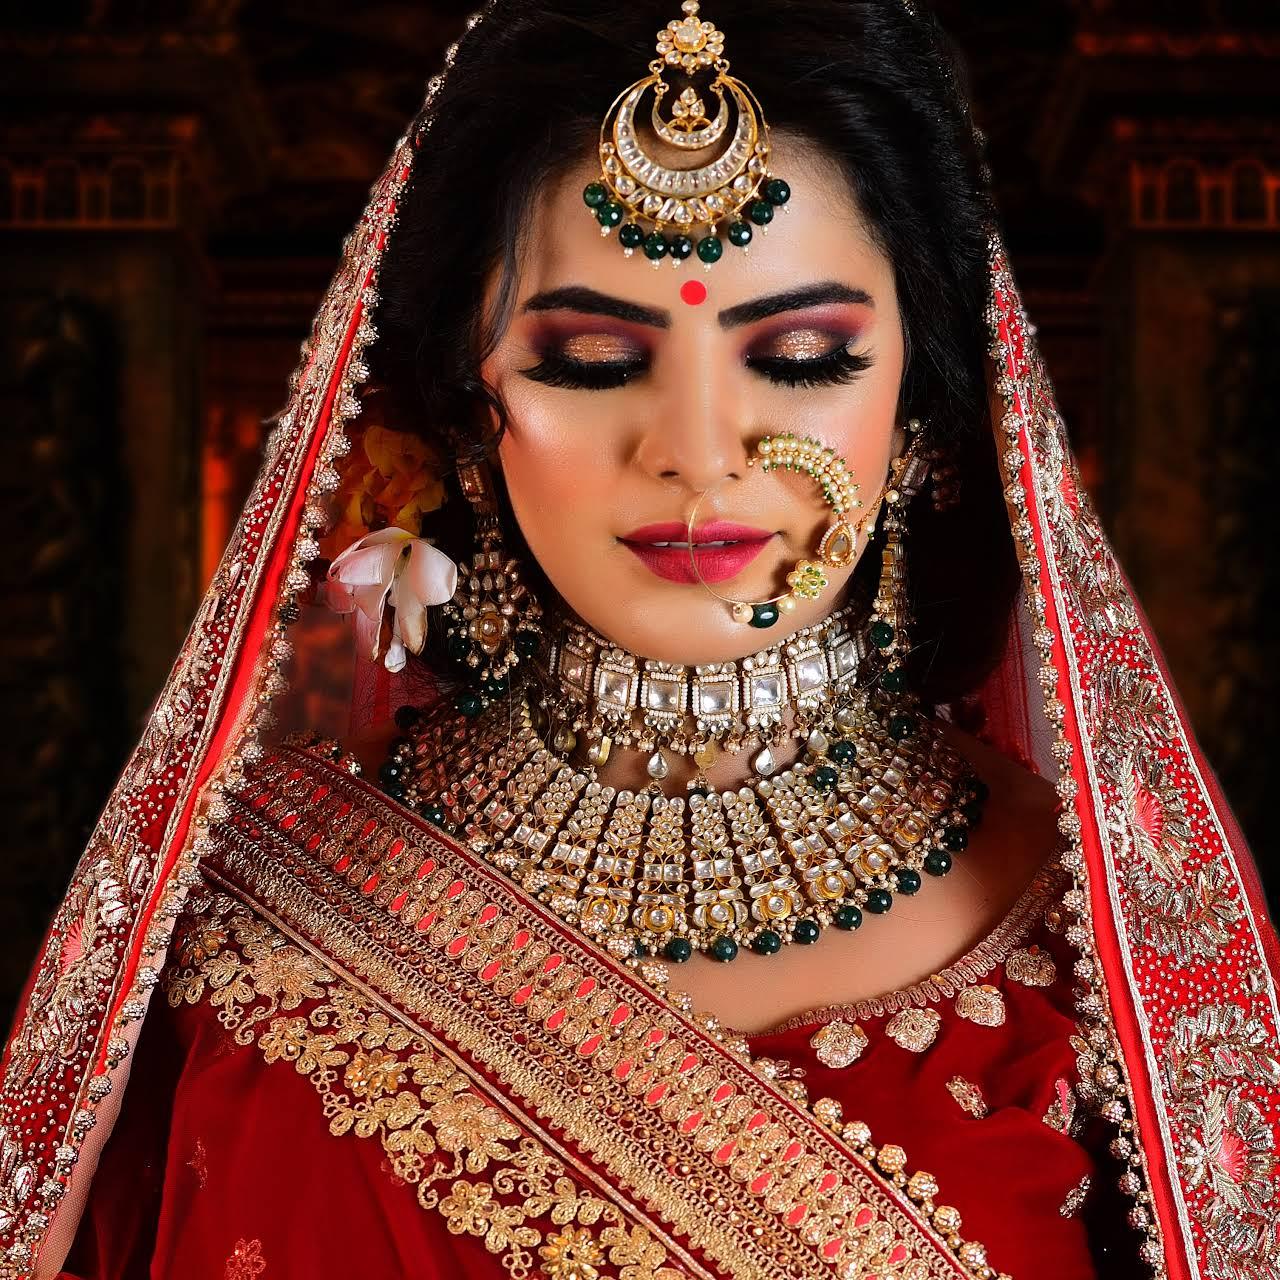 Makeup Artist Priyanka Baweja